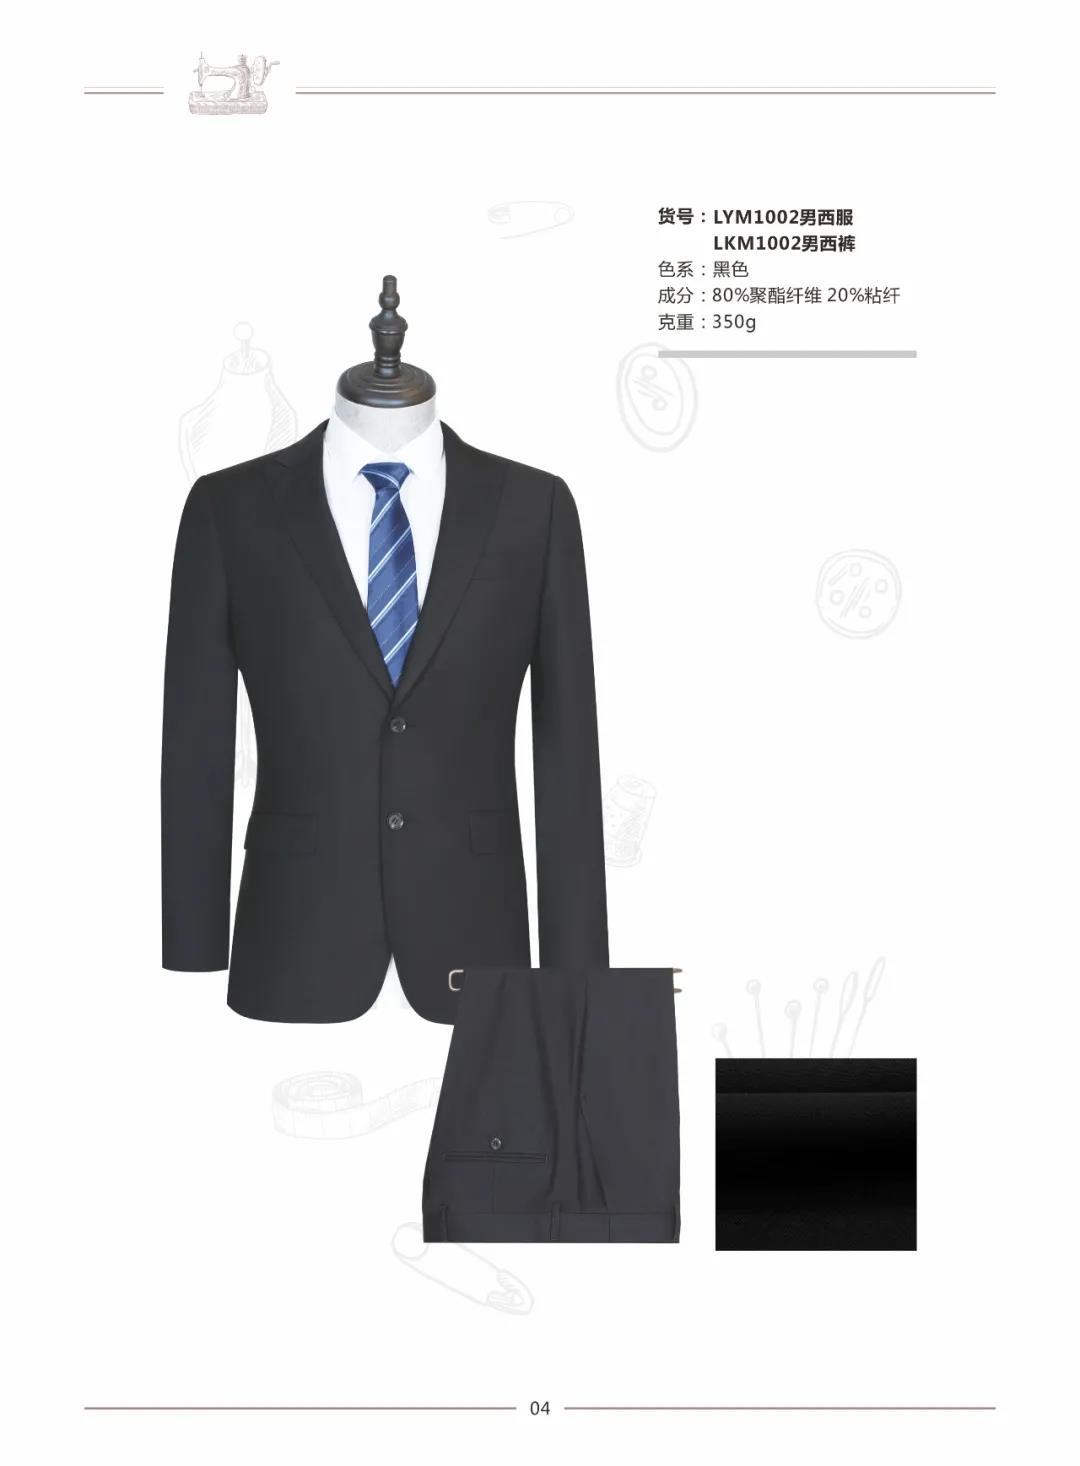 黑色西服西裤套装